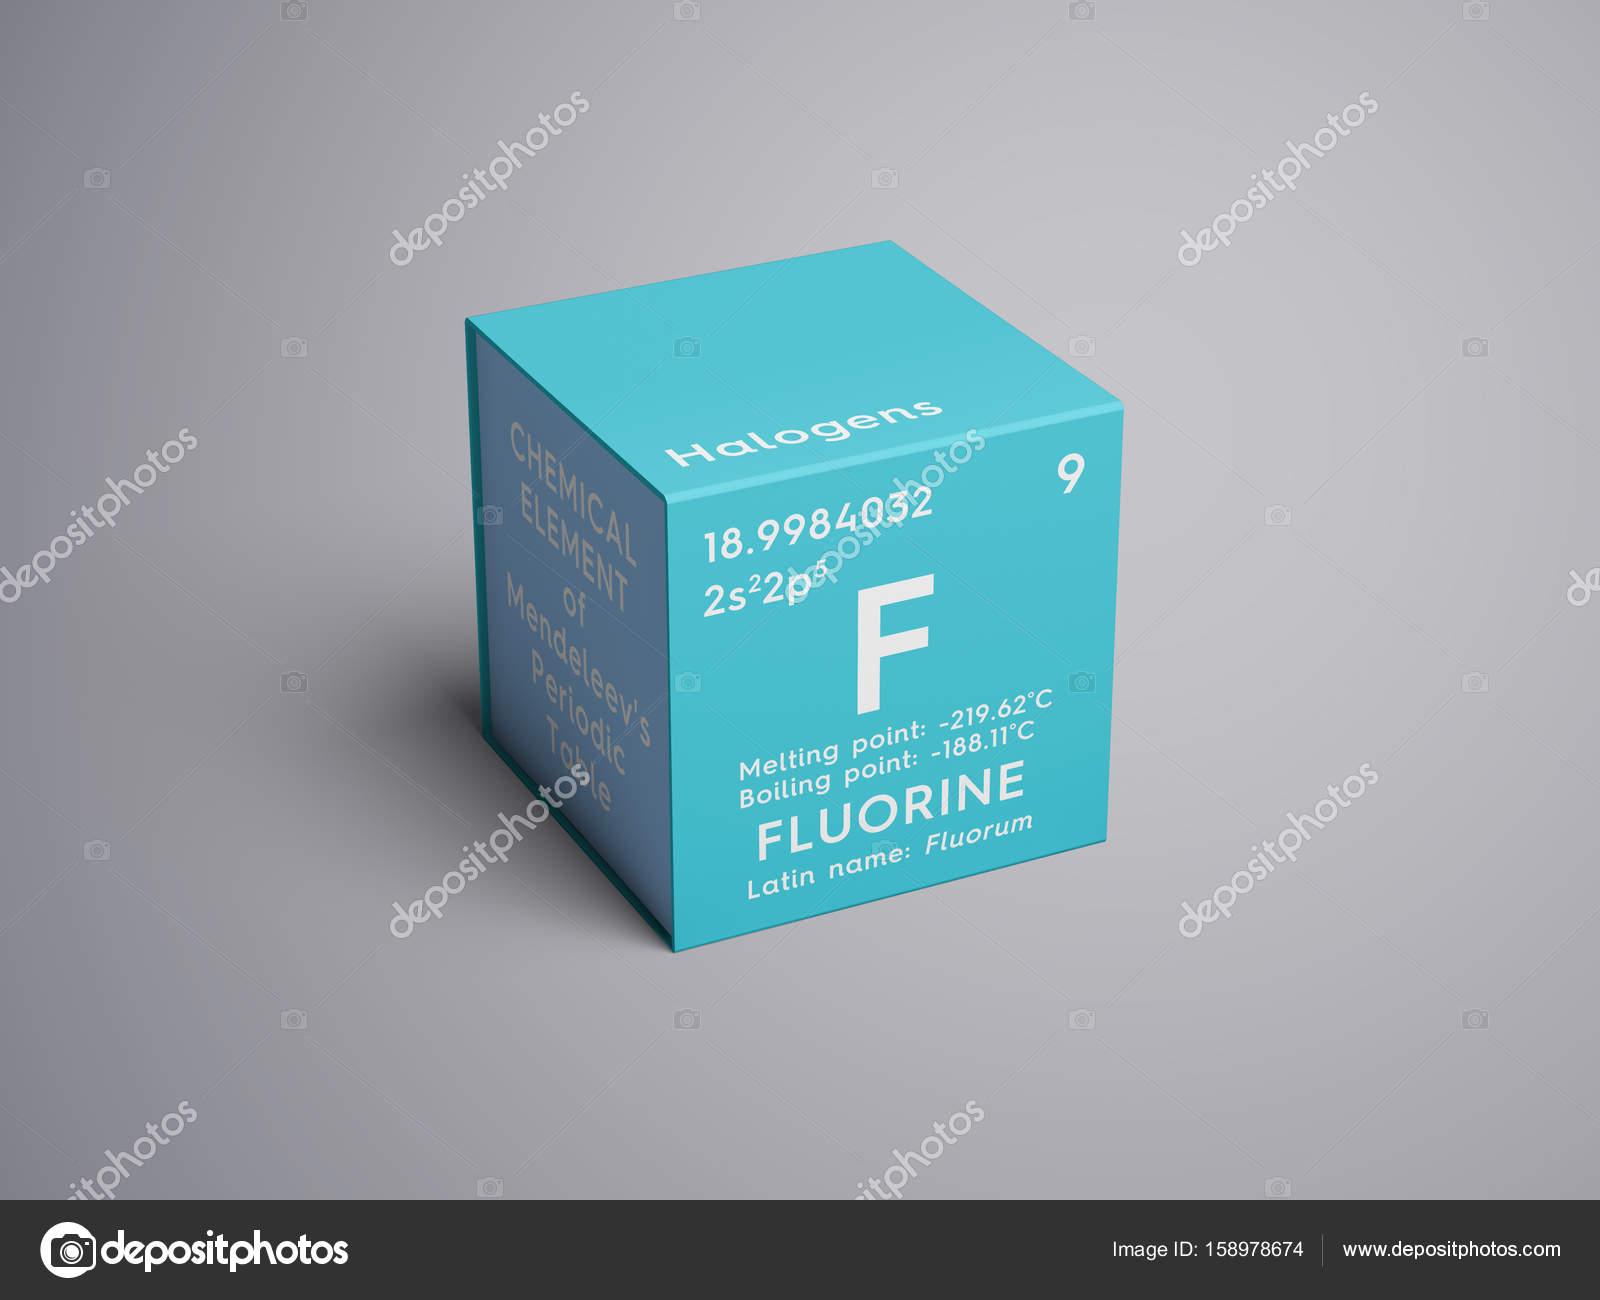 Flor halgenos elemento qumico de la tabla de periodica de for Living room trackid sp 006